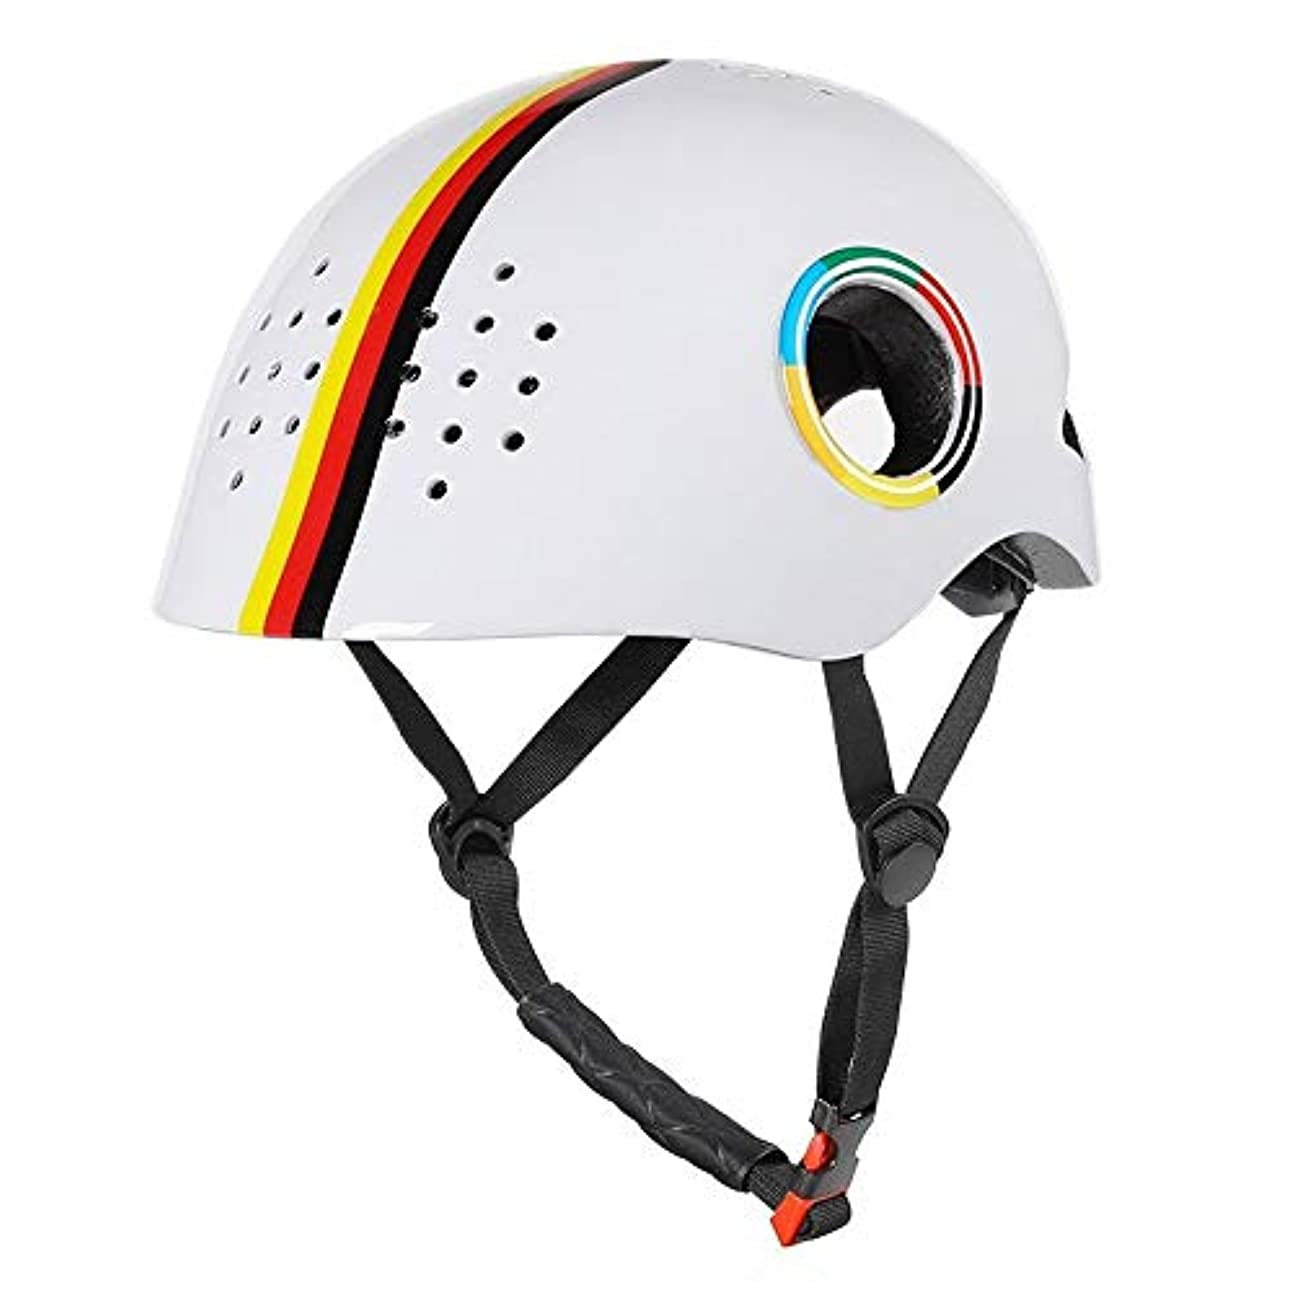 ジャベスウィルソン静かなアルコールCXUNKK 新しい都市カジュアル若者自転車バランスプーリー乗馬安全ヘルメットアウトドアスポーツ用品